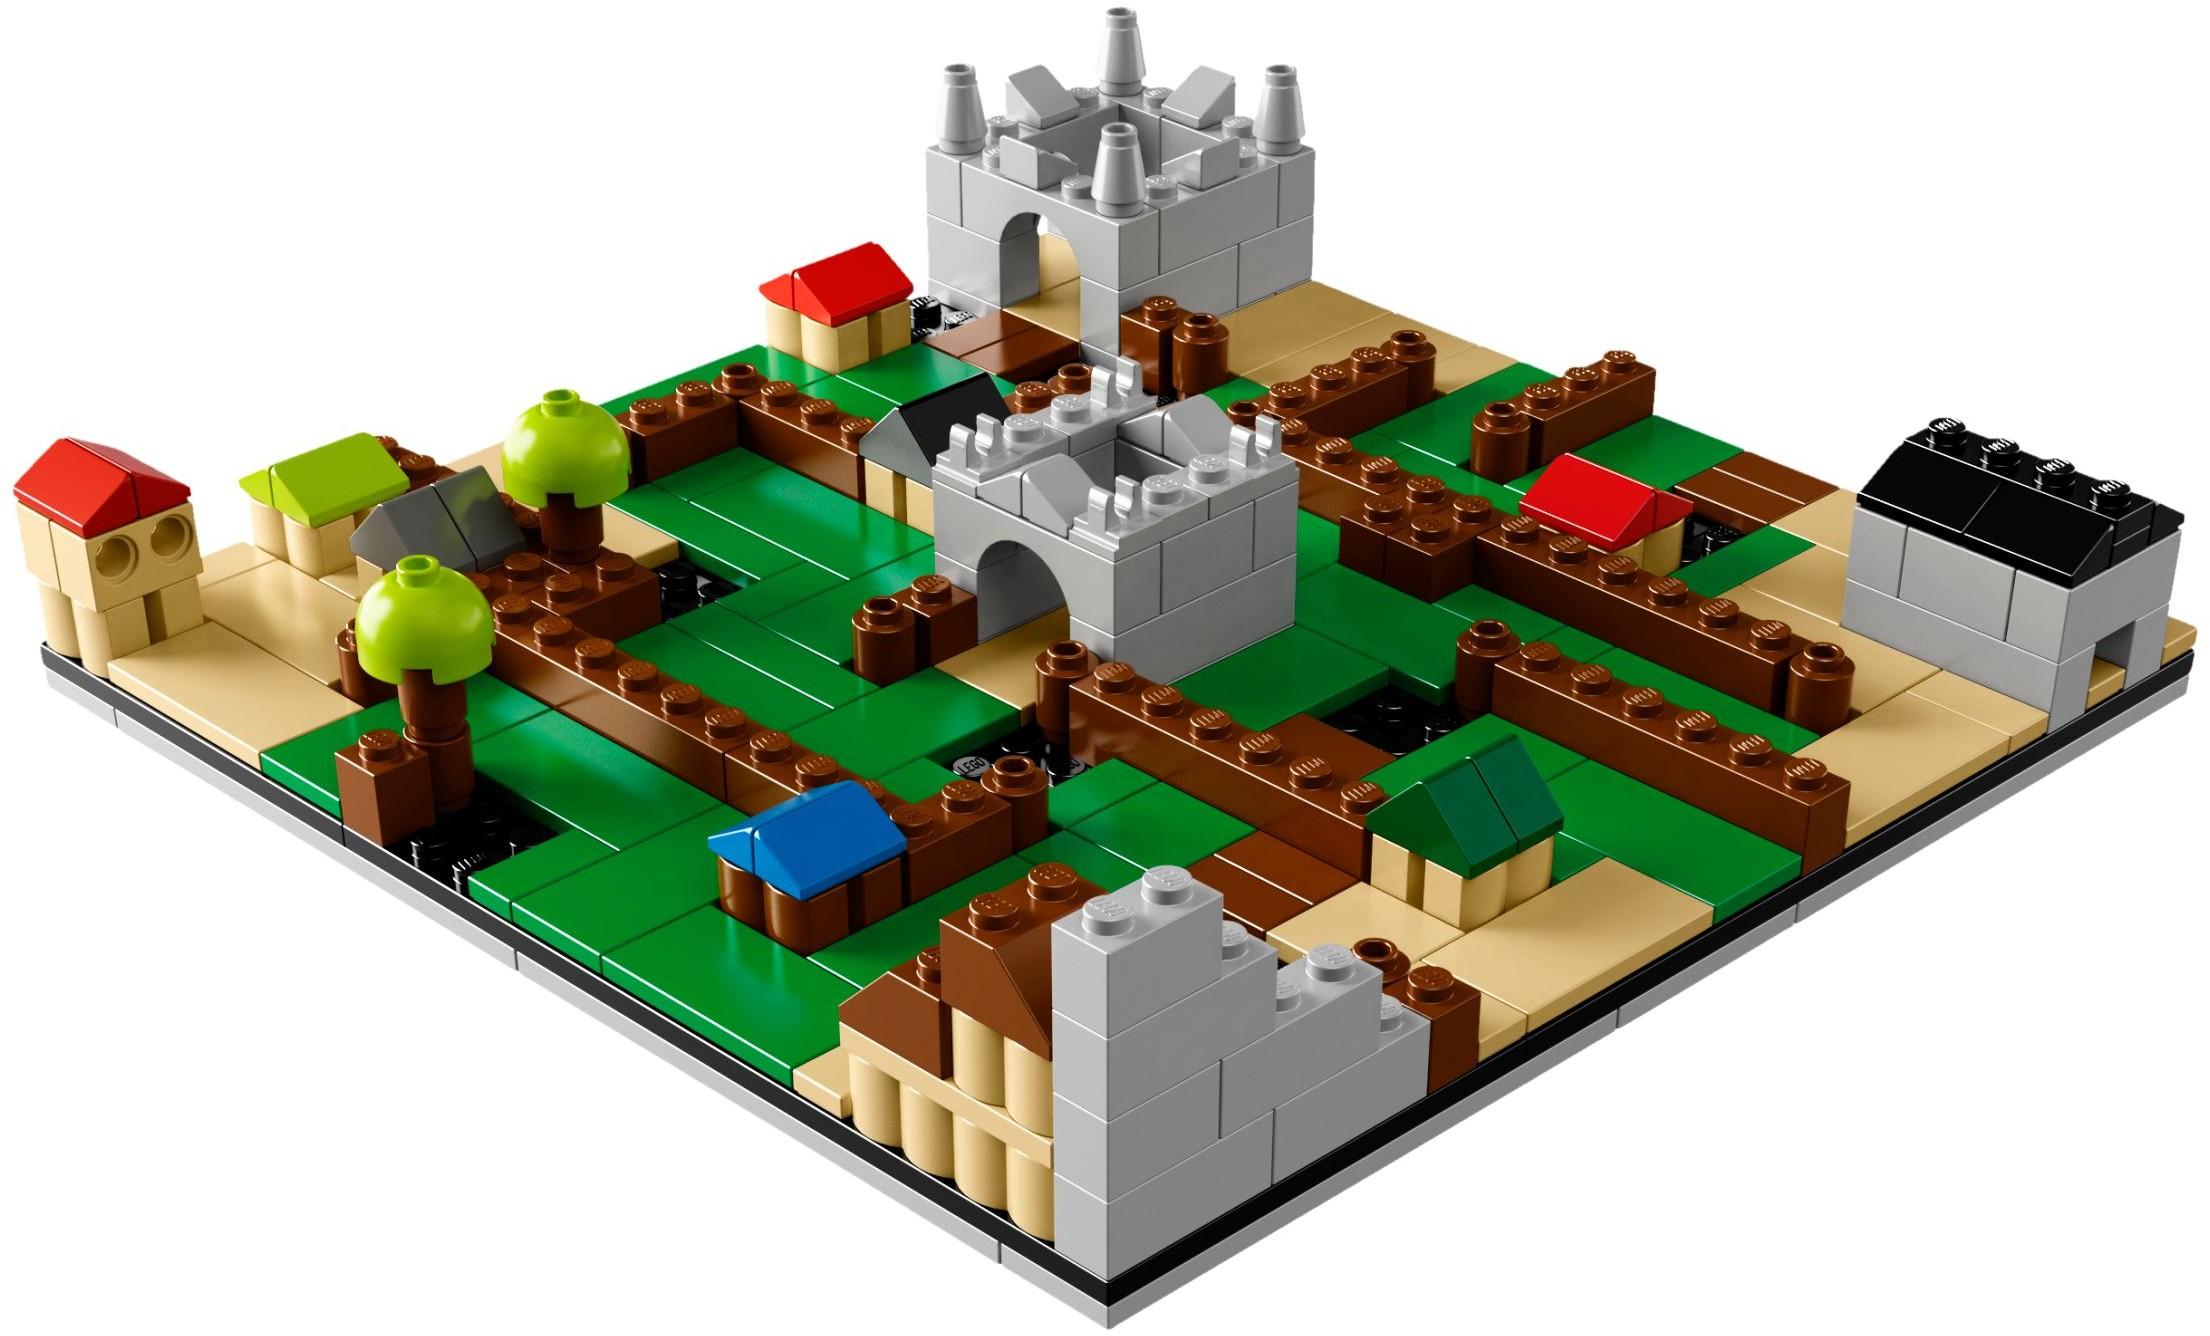 http://images.brickset.com/sets/AdditionalImages/21305-1/21305_alt4.jpg